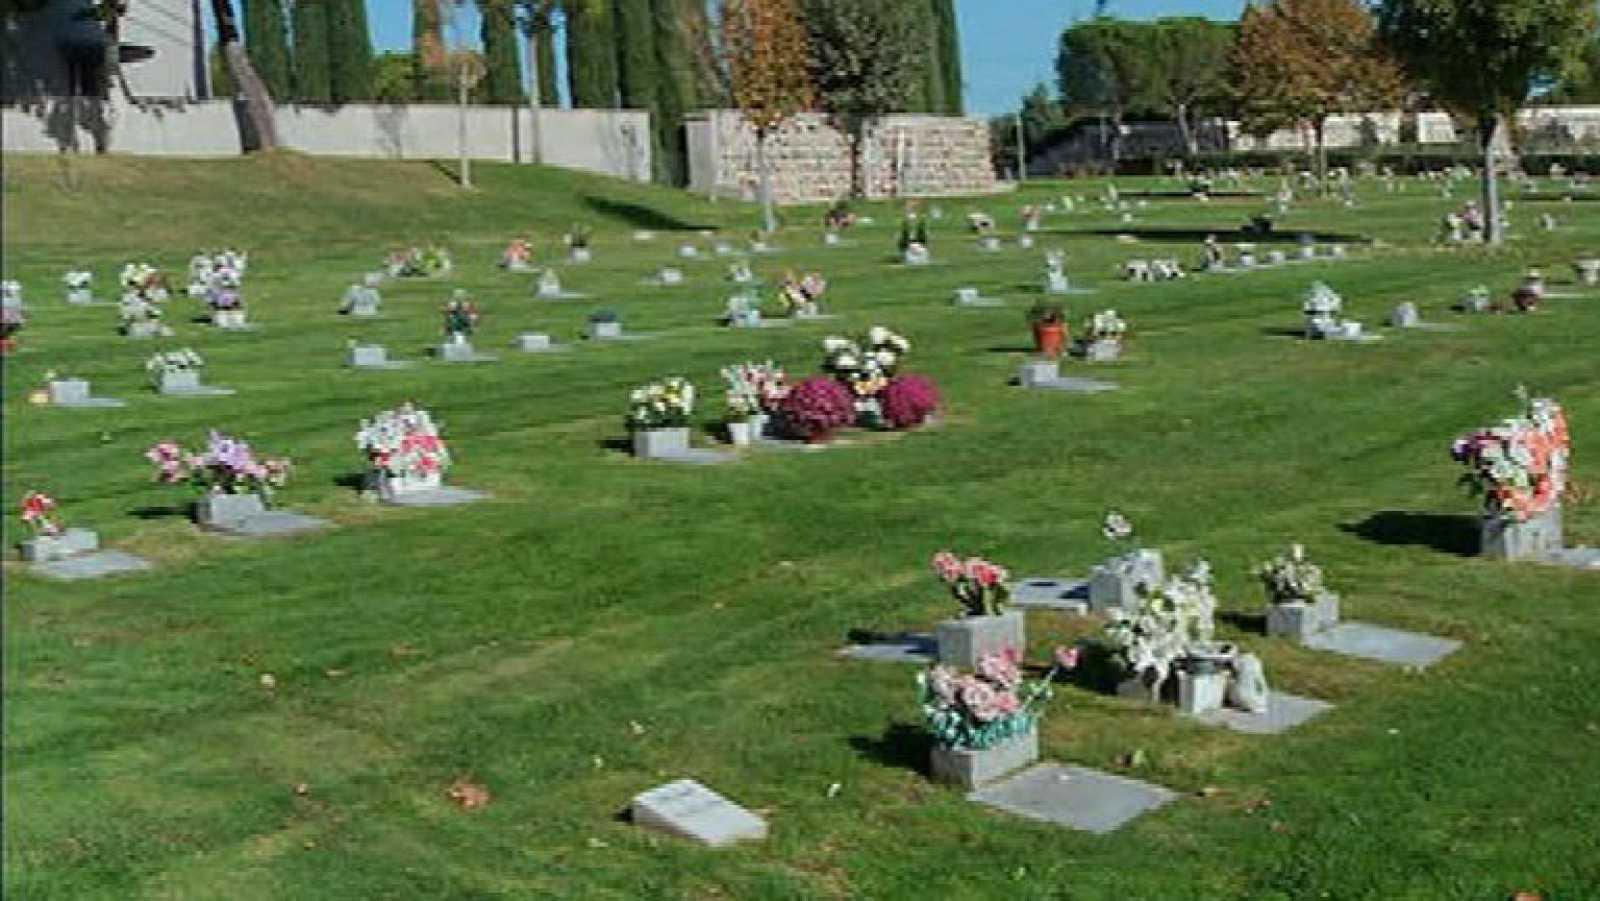 Aqu la tierra un cementerio muy peculiar for Horario cementerio jardines de paz